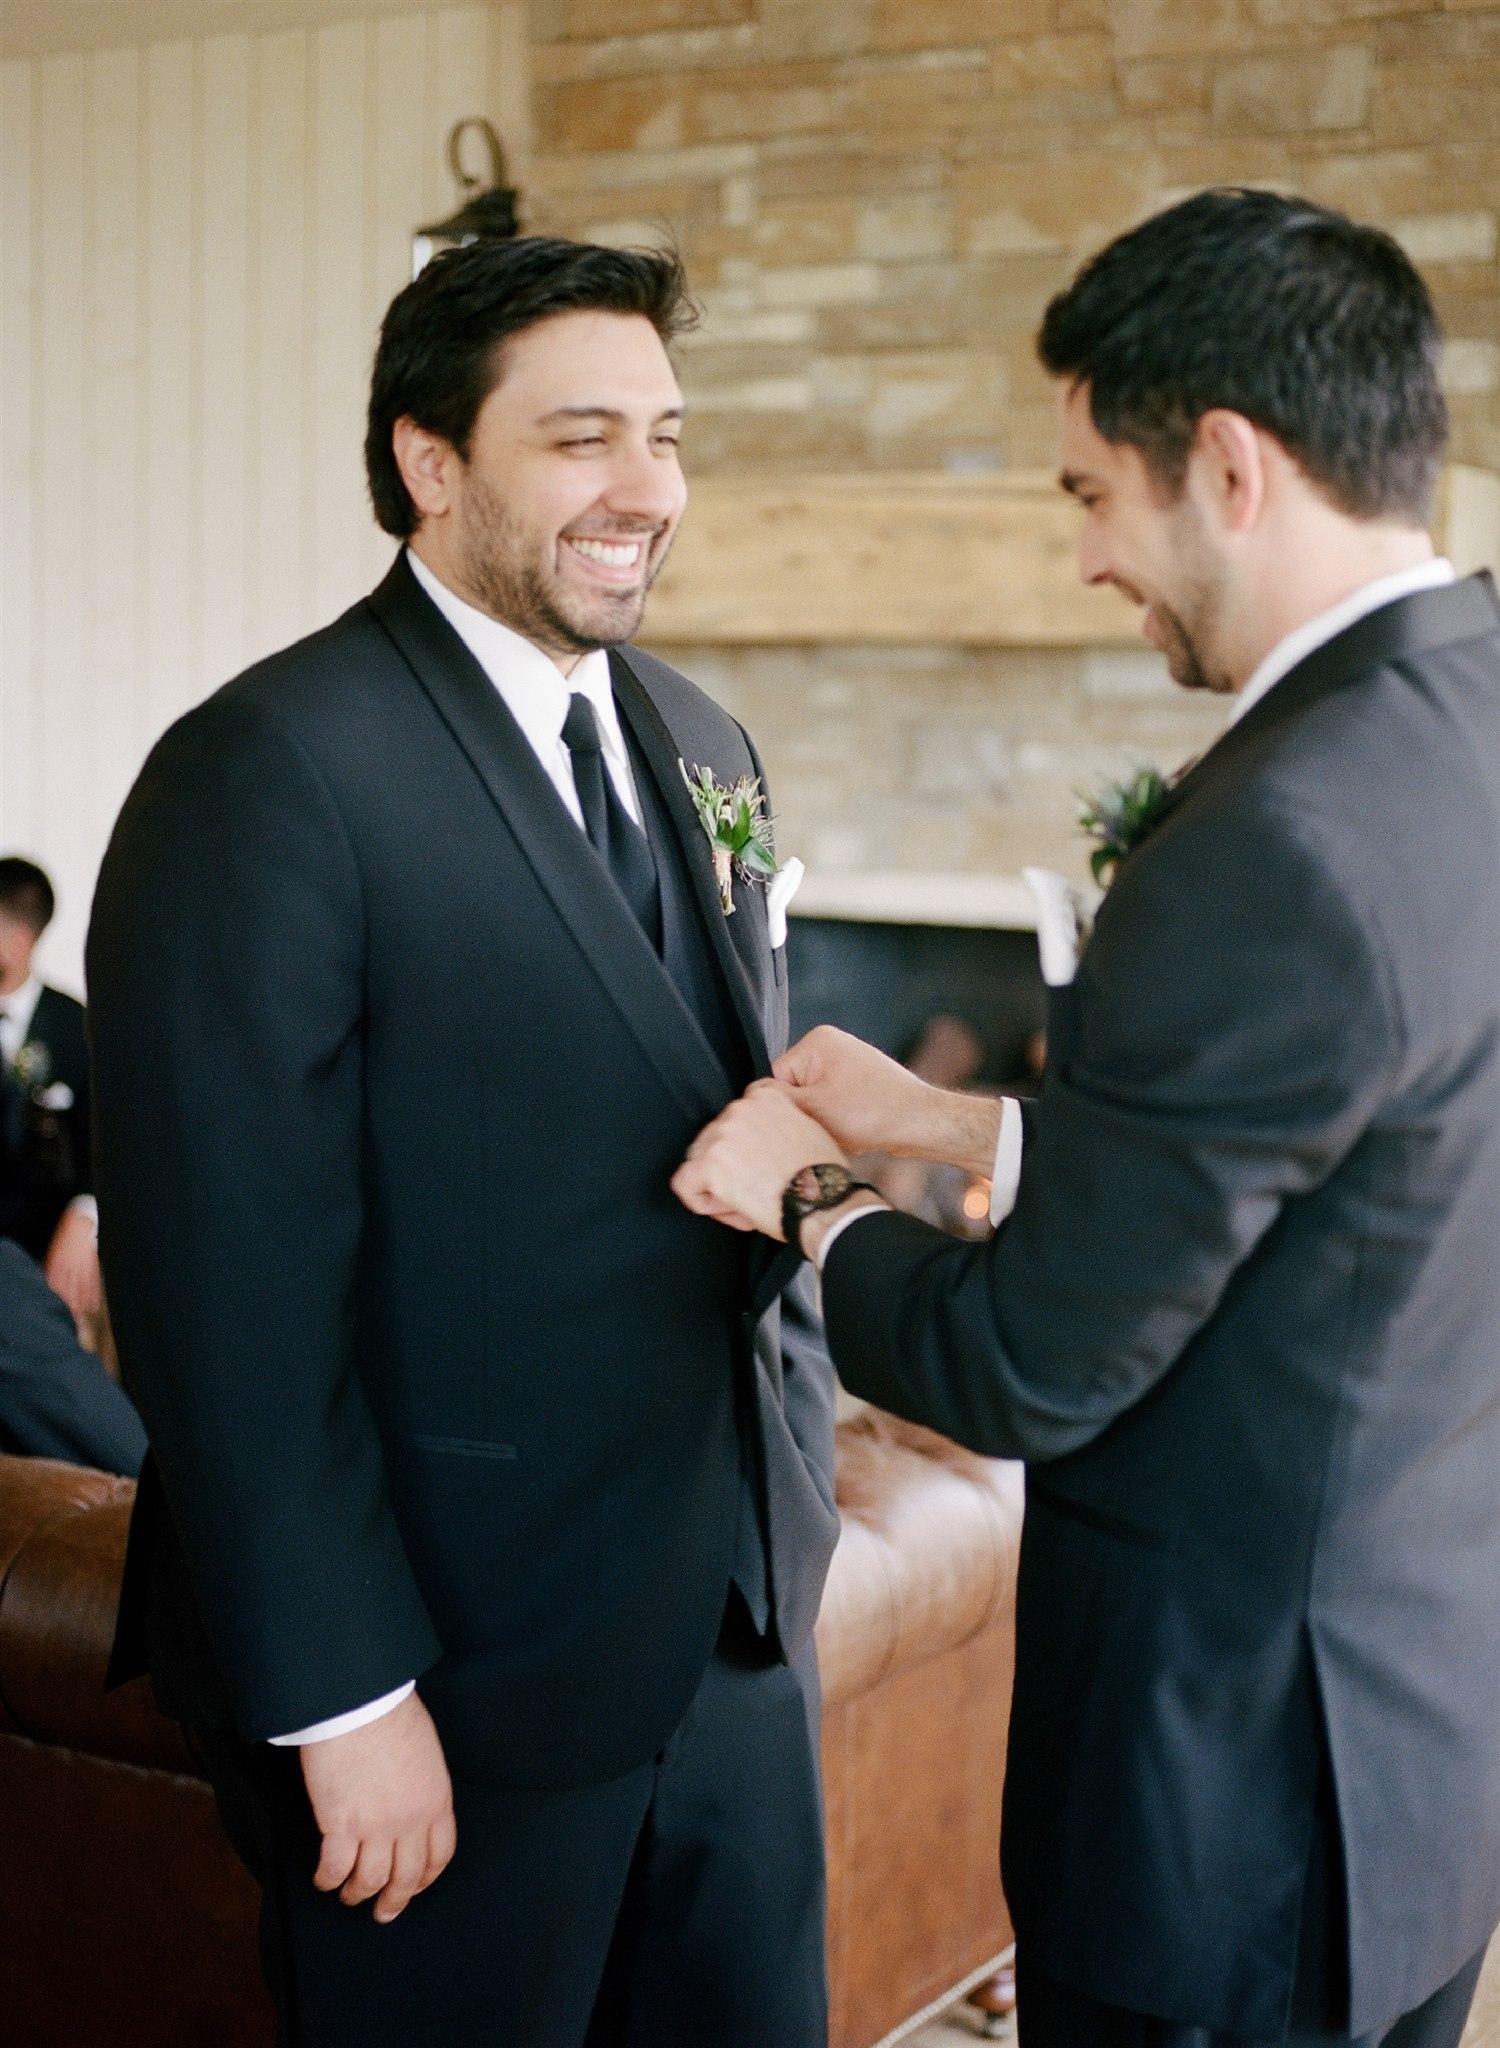 heidi_michael_wedding_0048.jpg